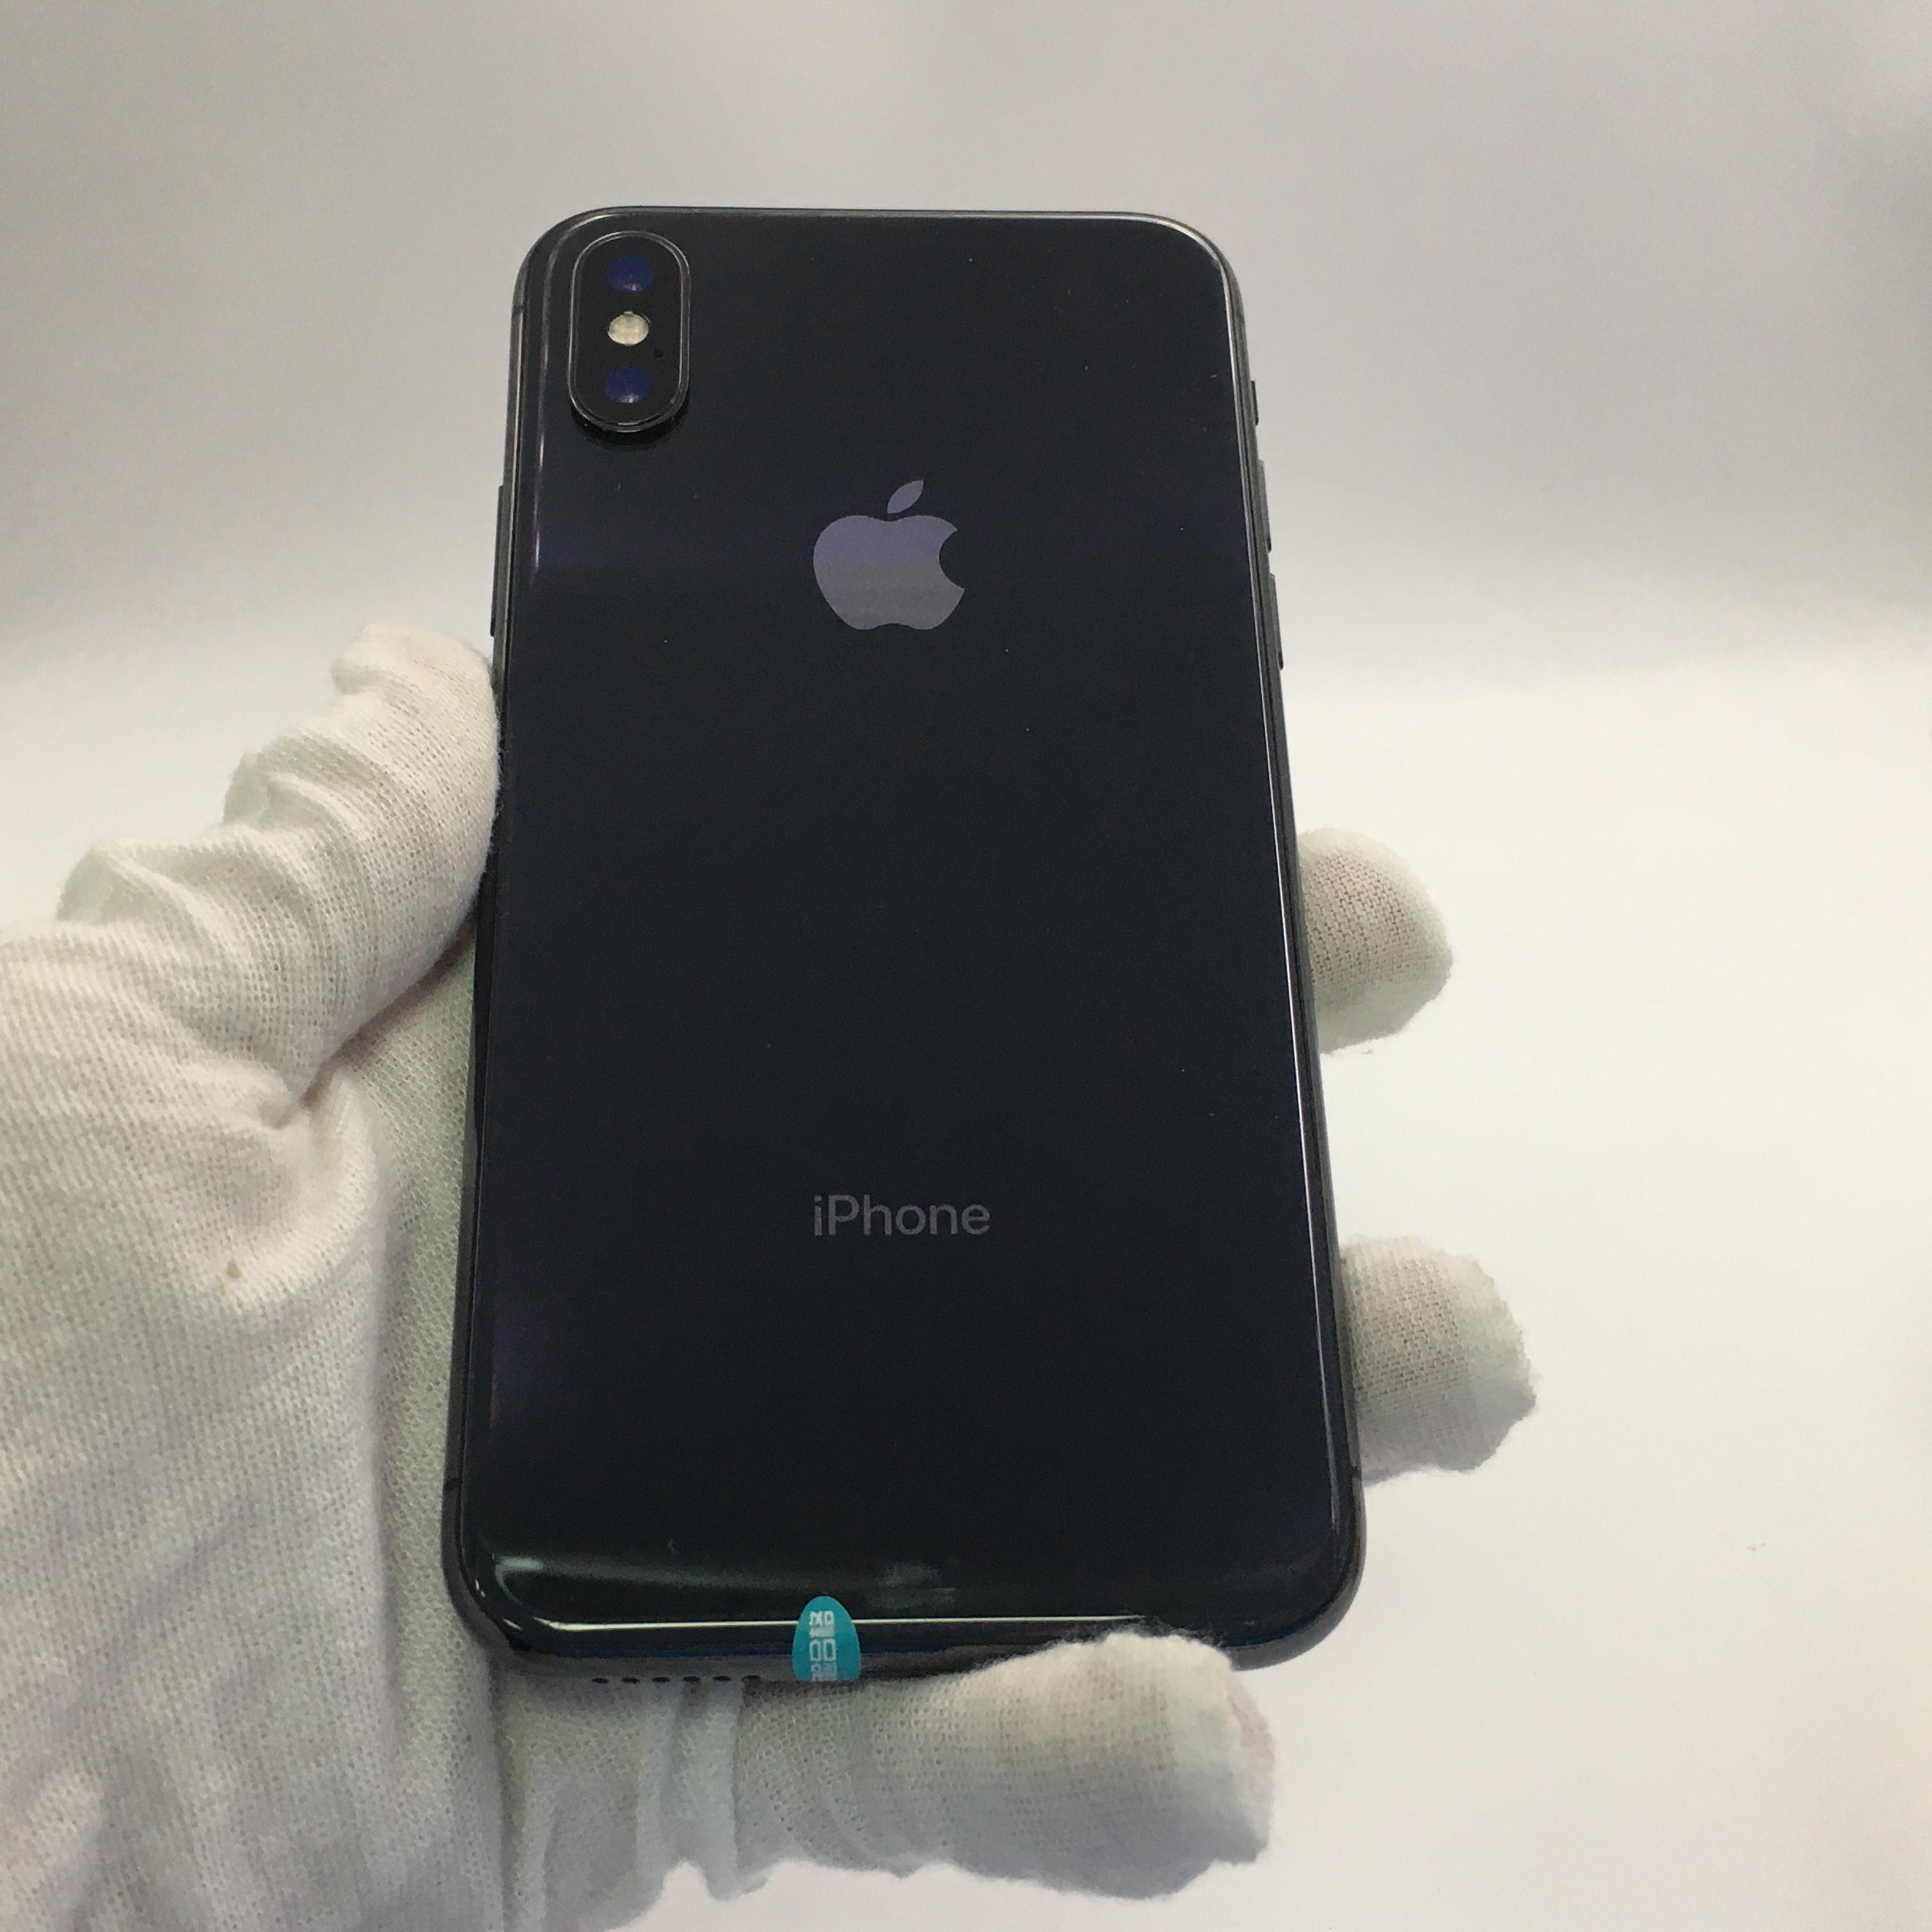 苹果【iPhone X】4G全网通 深空灰 256G 国行 95新 256G真机实拍